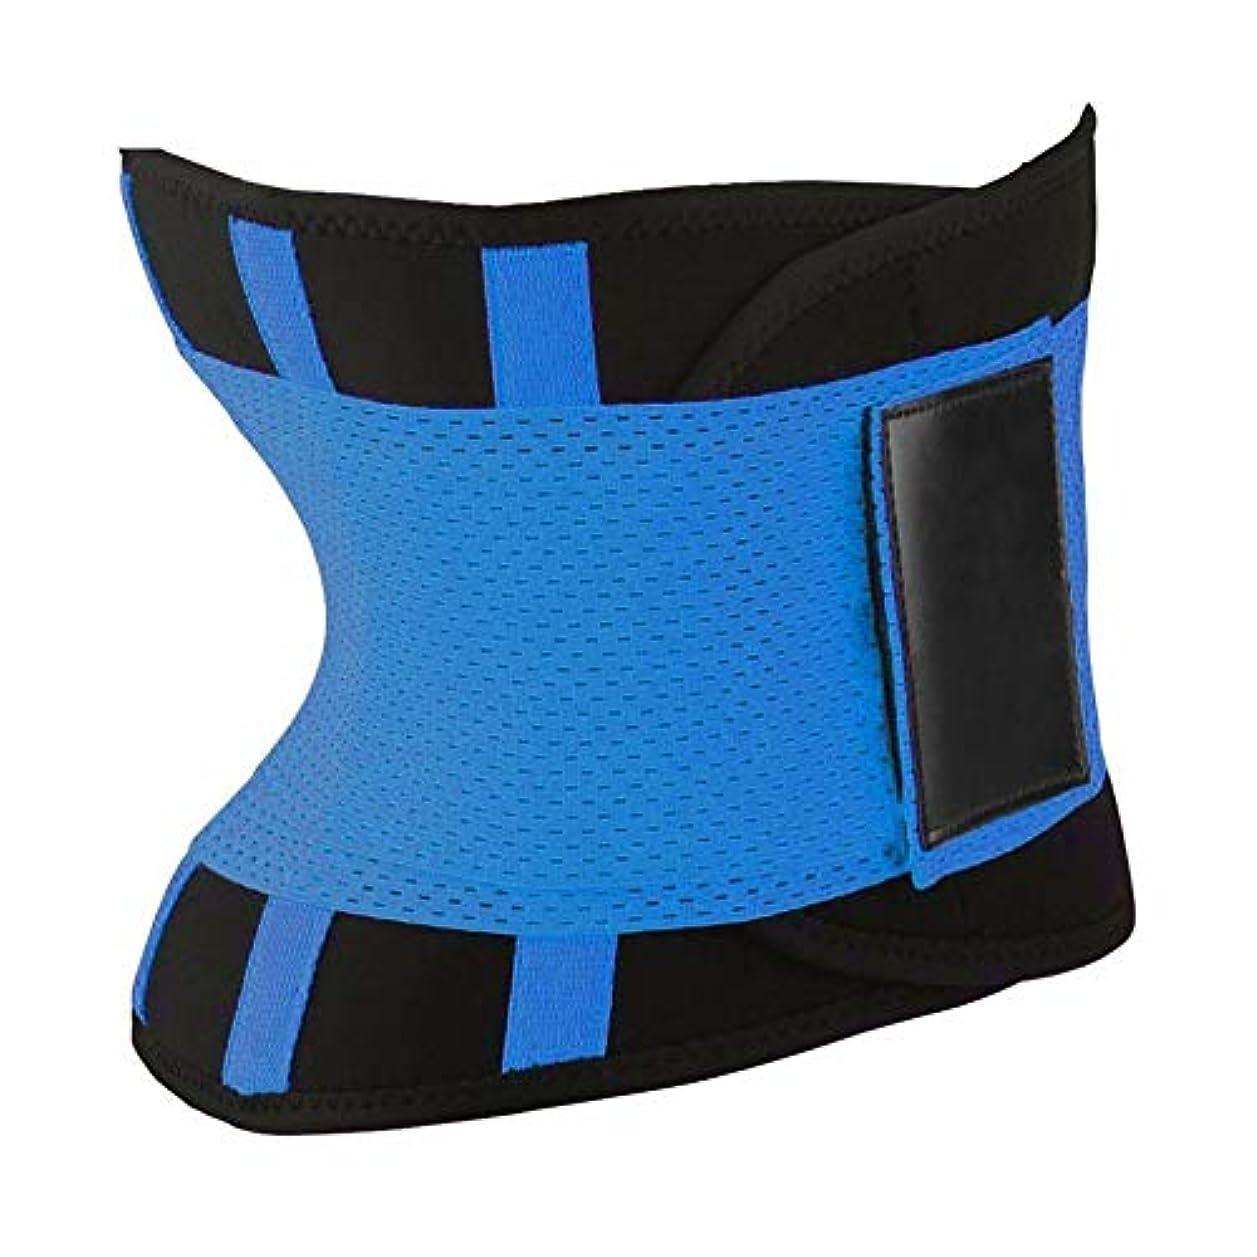 プレゼンター表現吸収する快適な女性ボディシェイパー痩身シェイパーベルトスポーツレディースウエストトレーナーニッパーコントロールバーニングボディおなかベルト - ブルーL